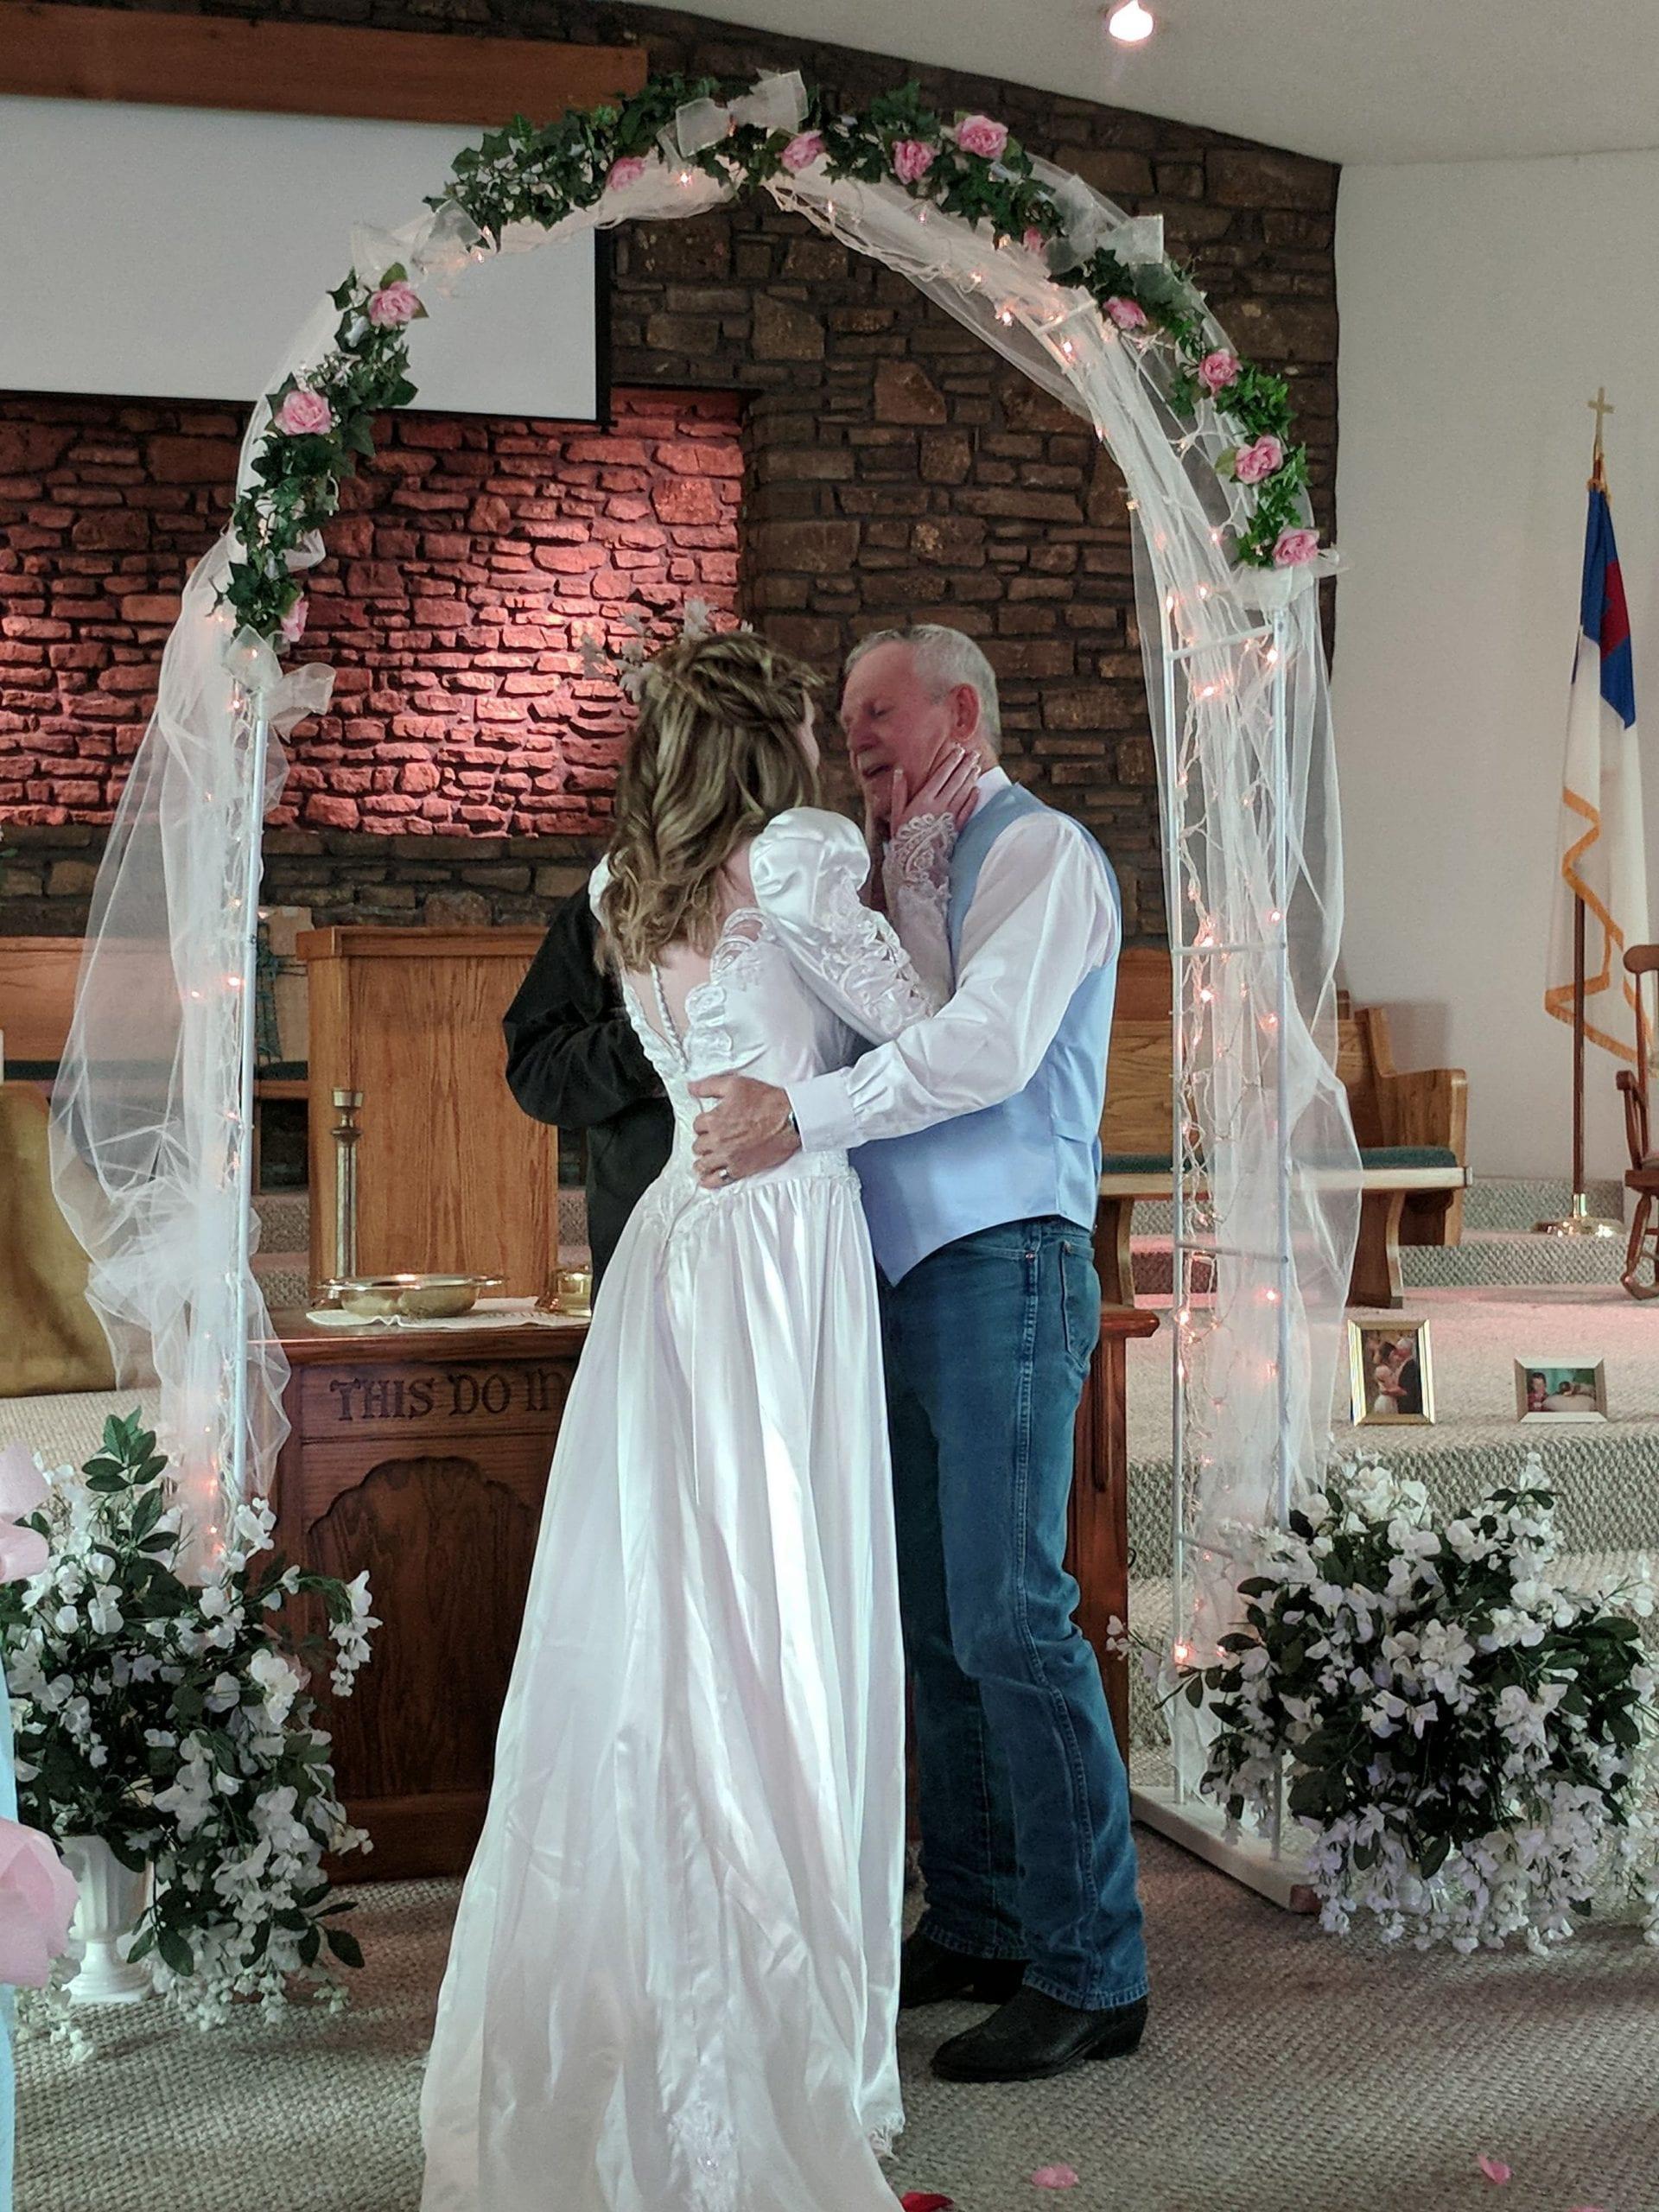 Âgée de 19 ans, elle défend son mariage avec un homme de 62 ans (photos)